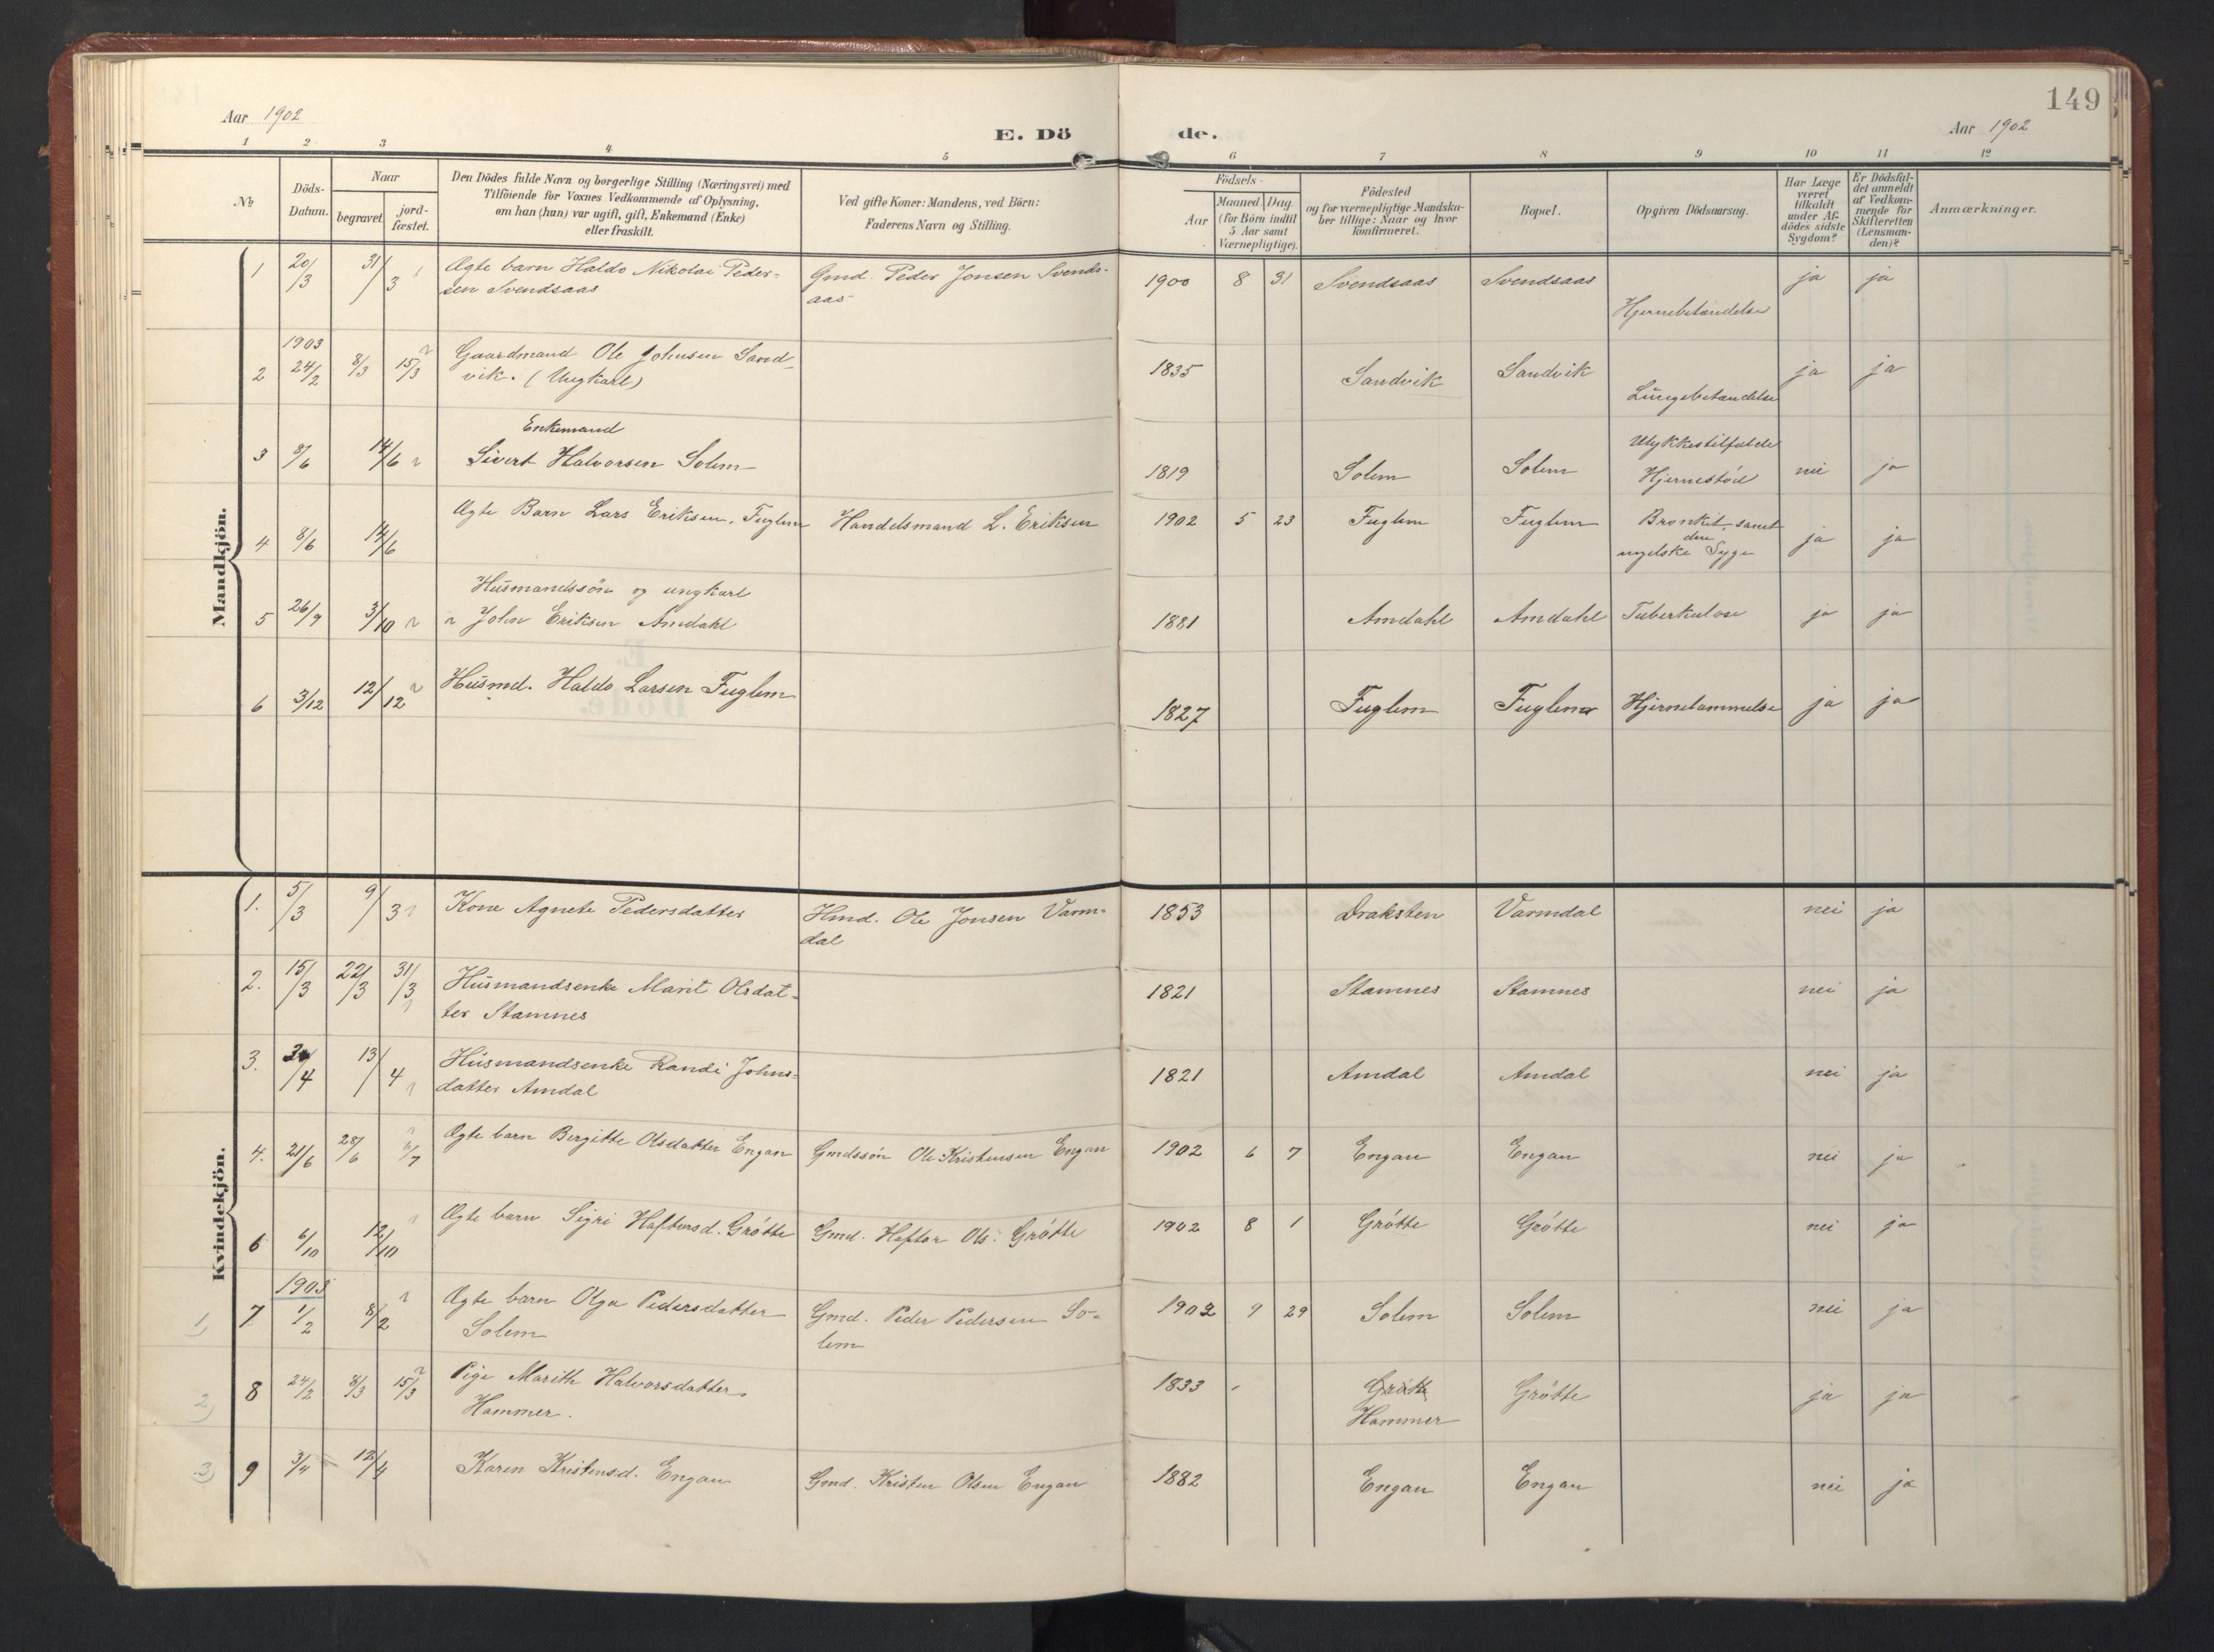 SAT, Ministerialprotokoller, klokkerbøker og fødselsregistre - Sør-Trøndelag, 696/L1161: Klokkerbok nr. 696C01, 1902-1950, s. 149